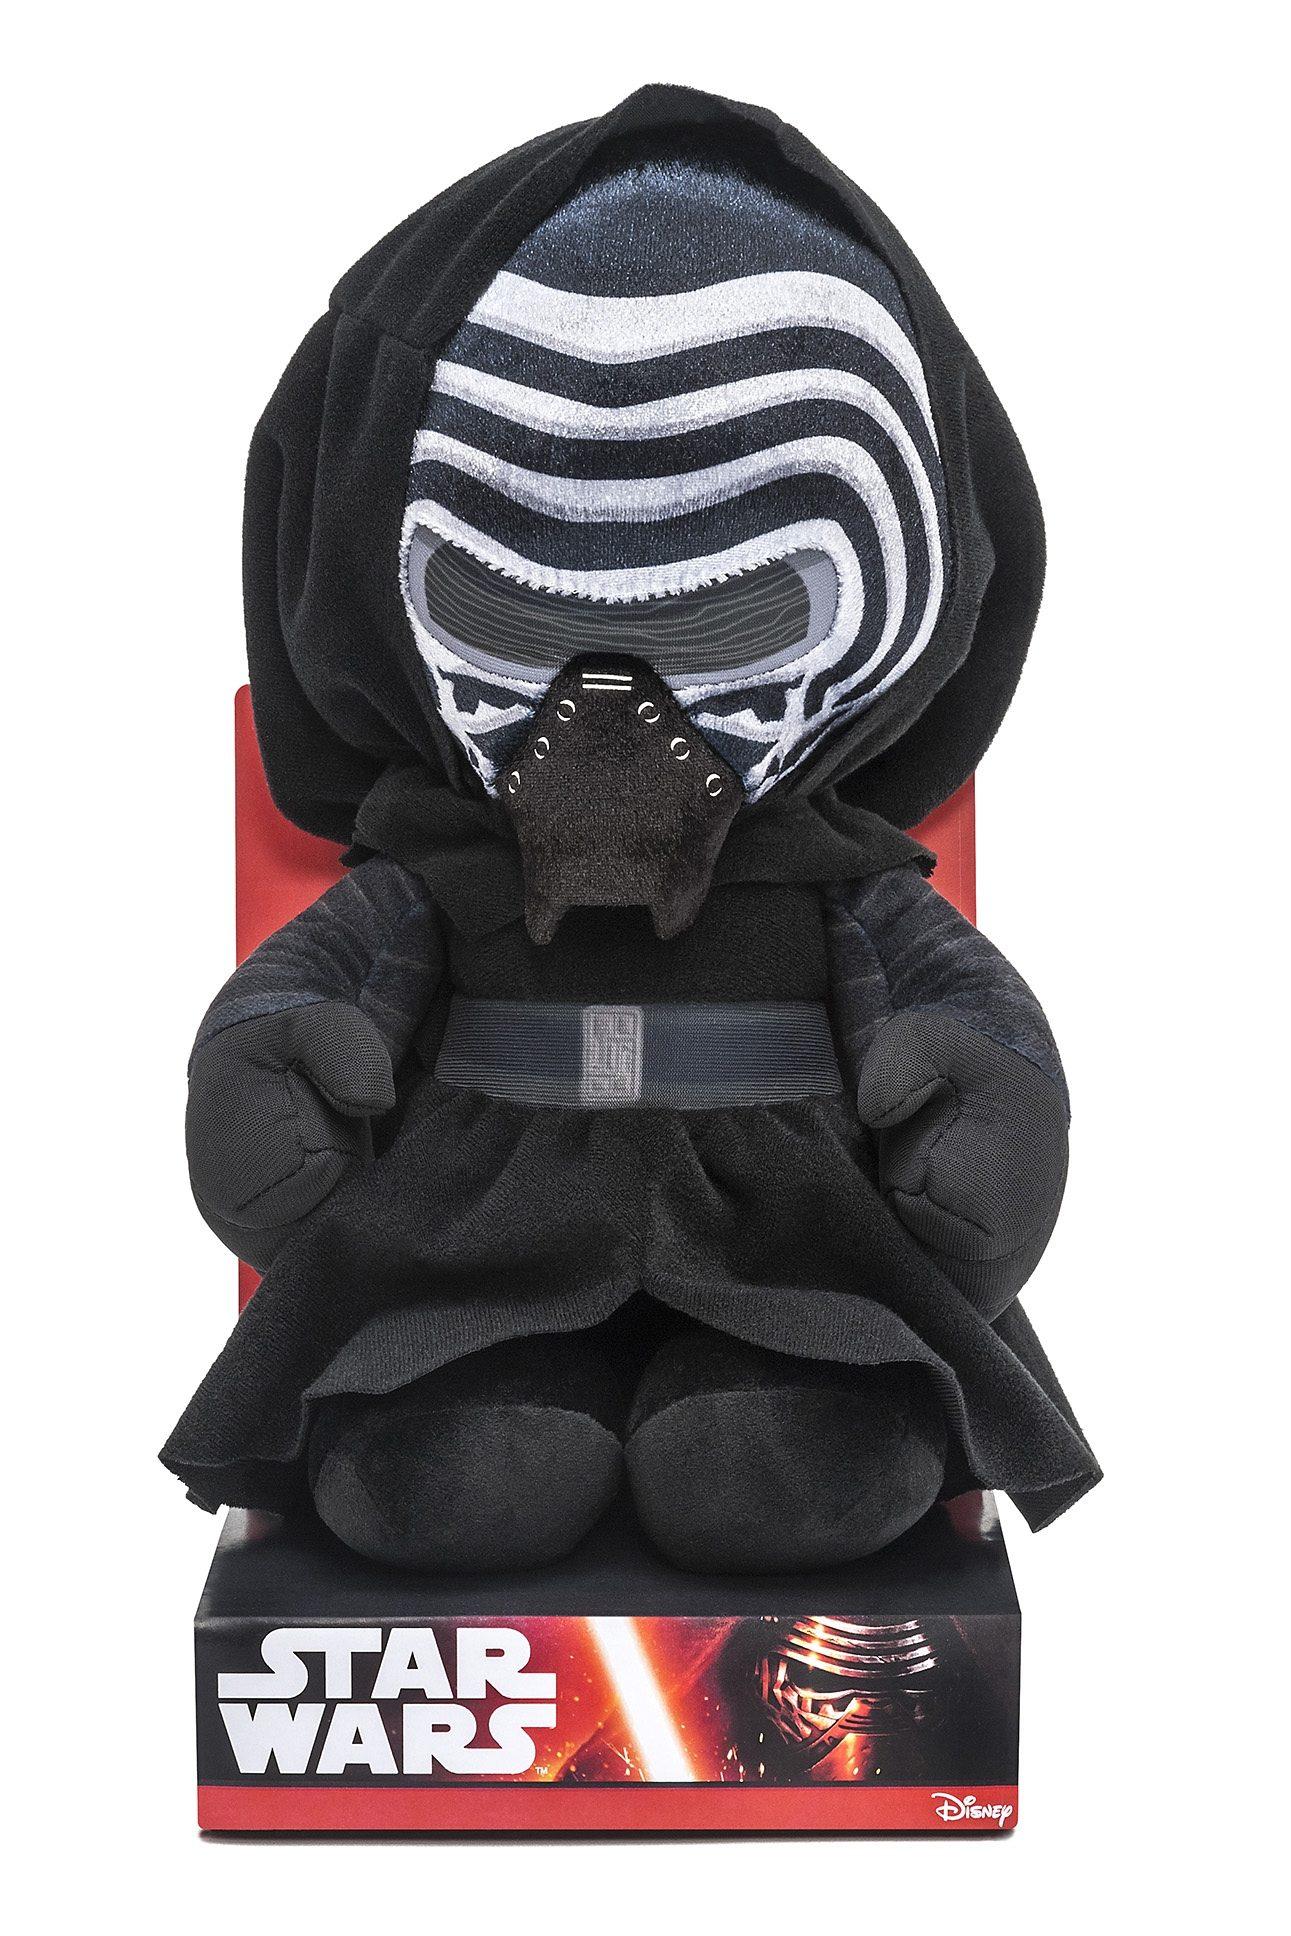 JOY TOY Plüschfigur, 25 cm, »Disney Star Wars™ Kylo Ren Plüsch«